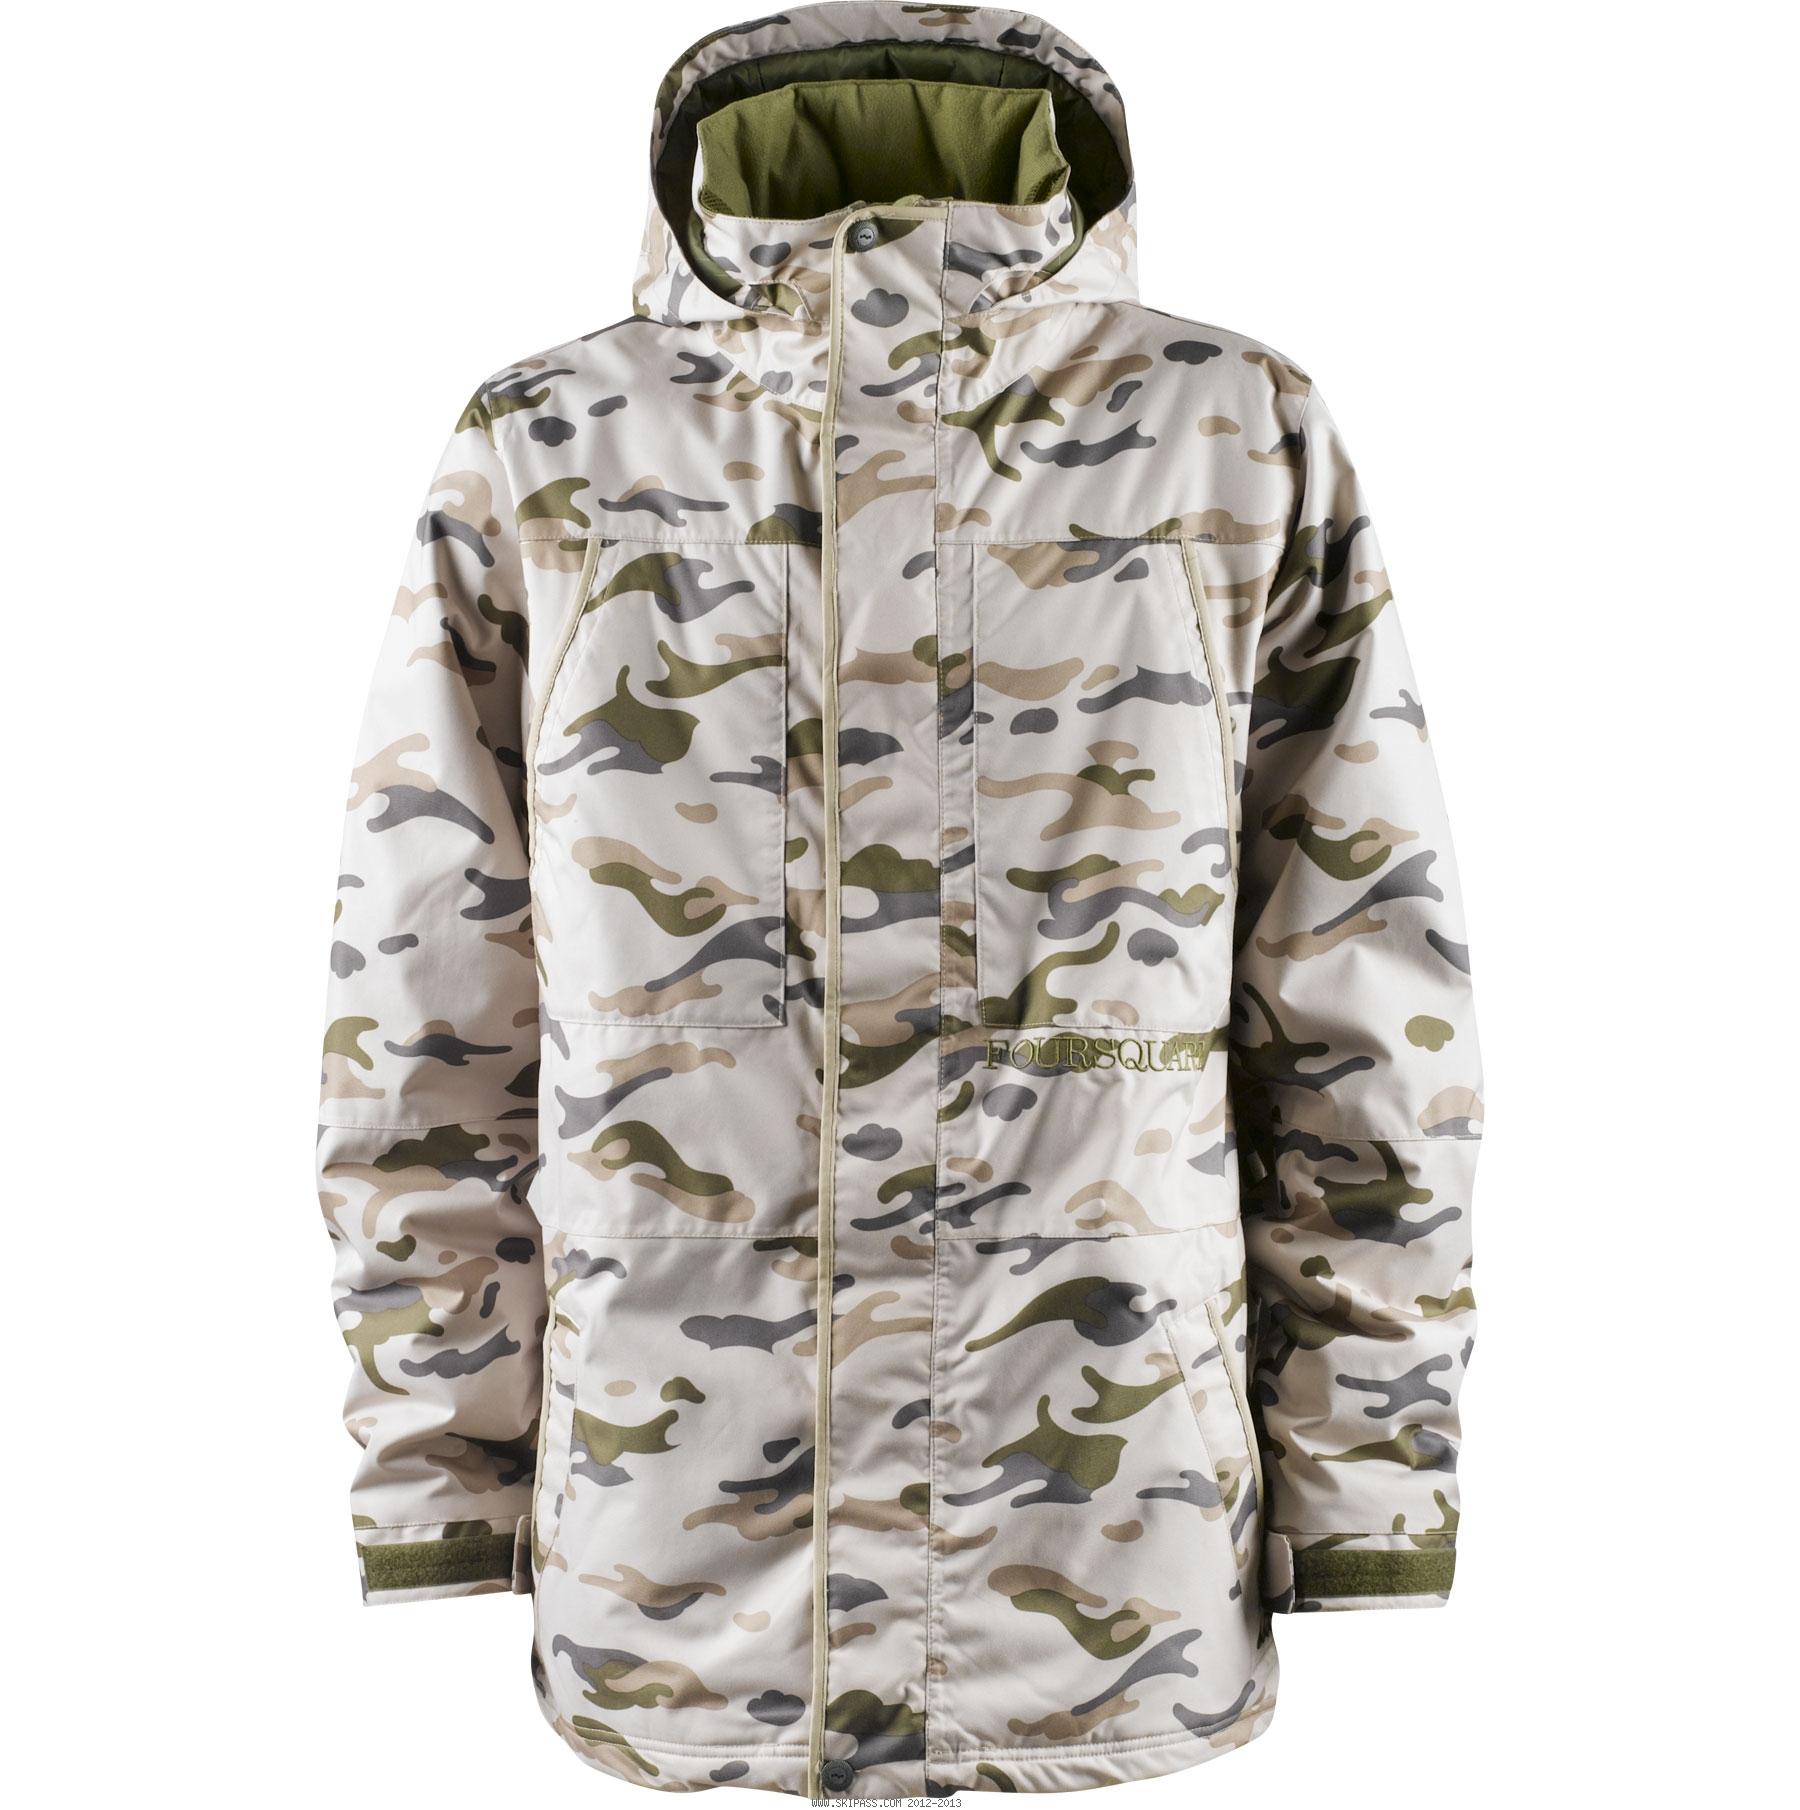 Veste ski camouflage homme